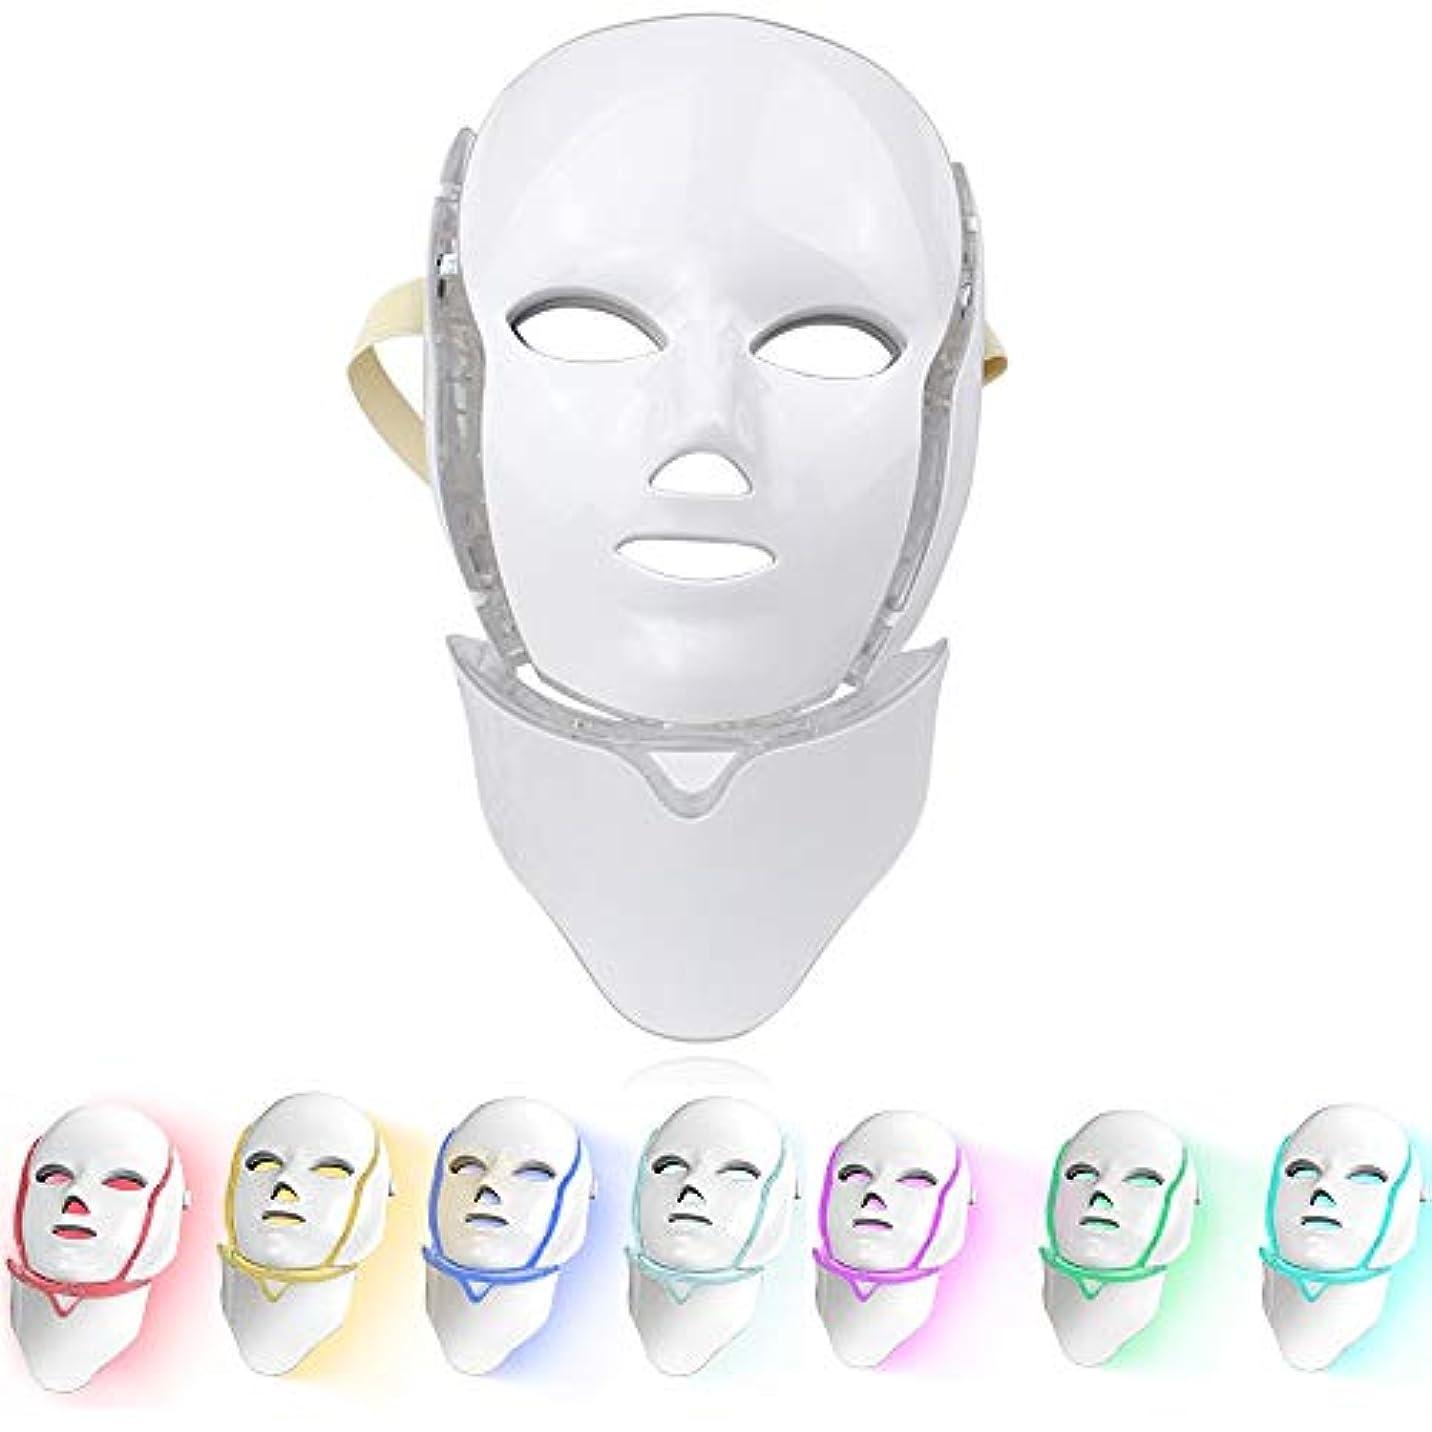 人工的な丈夫クルーズ7色LED顔面美容スキンケアの若返りシワ除去女性のためのアンチエイジング電気デバイス